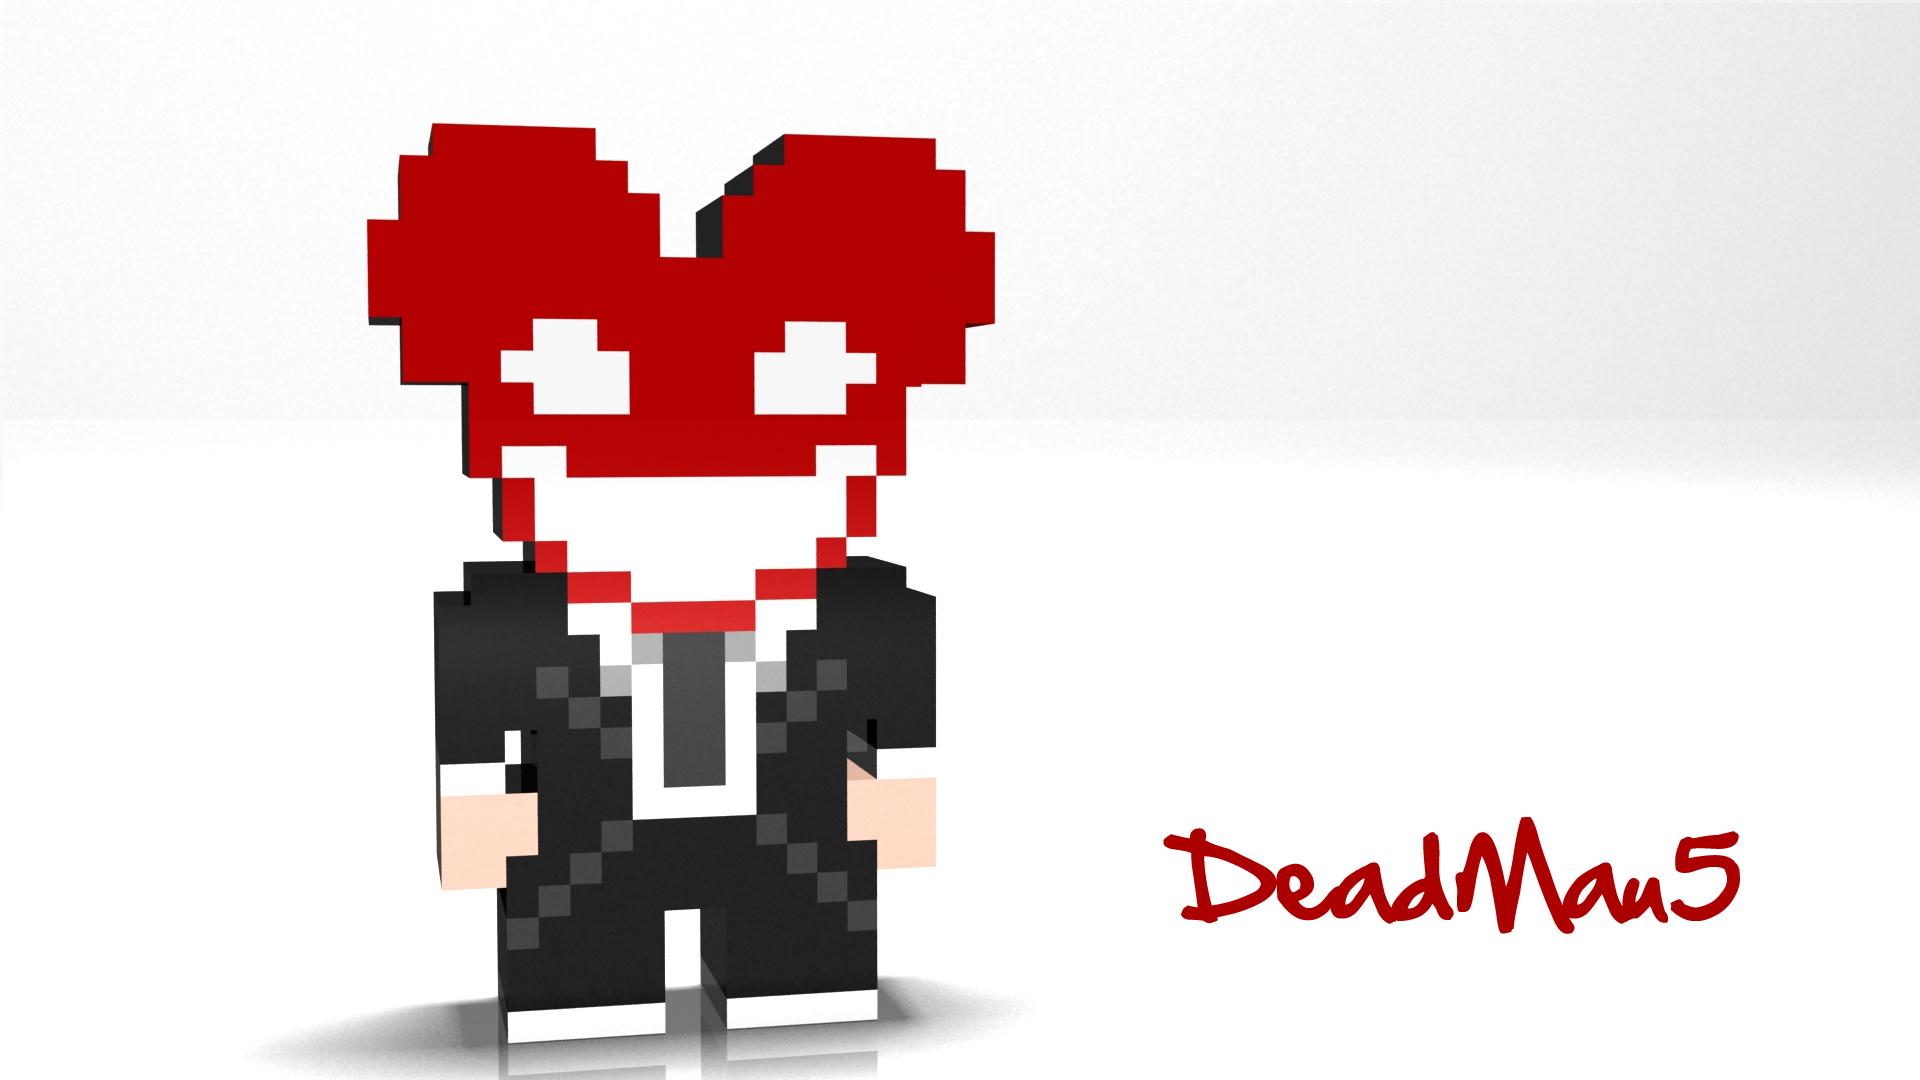 Deadmau5 8bit